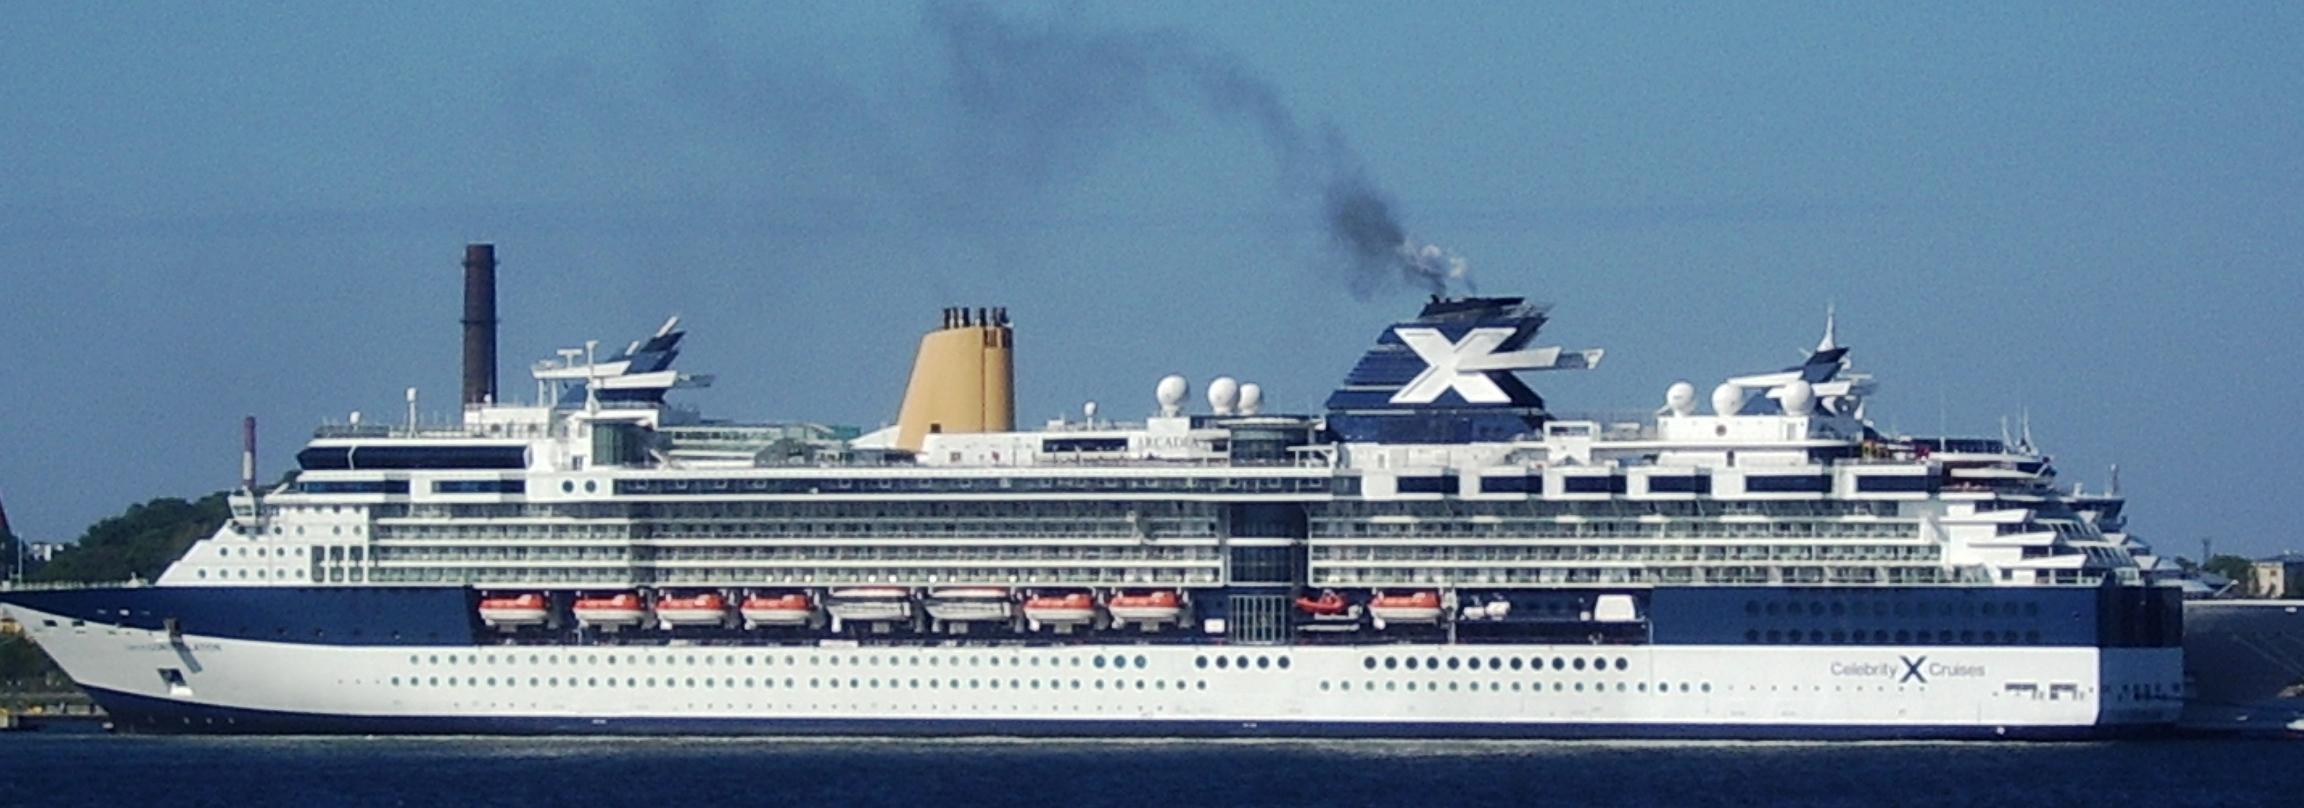 Descrizione celebrity cruises imgp6154 jpg